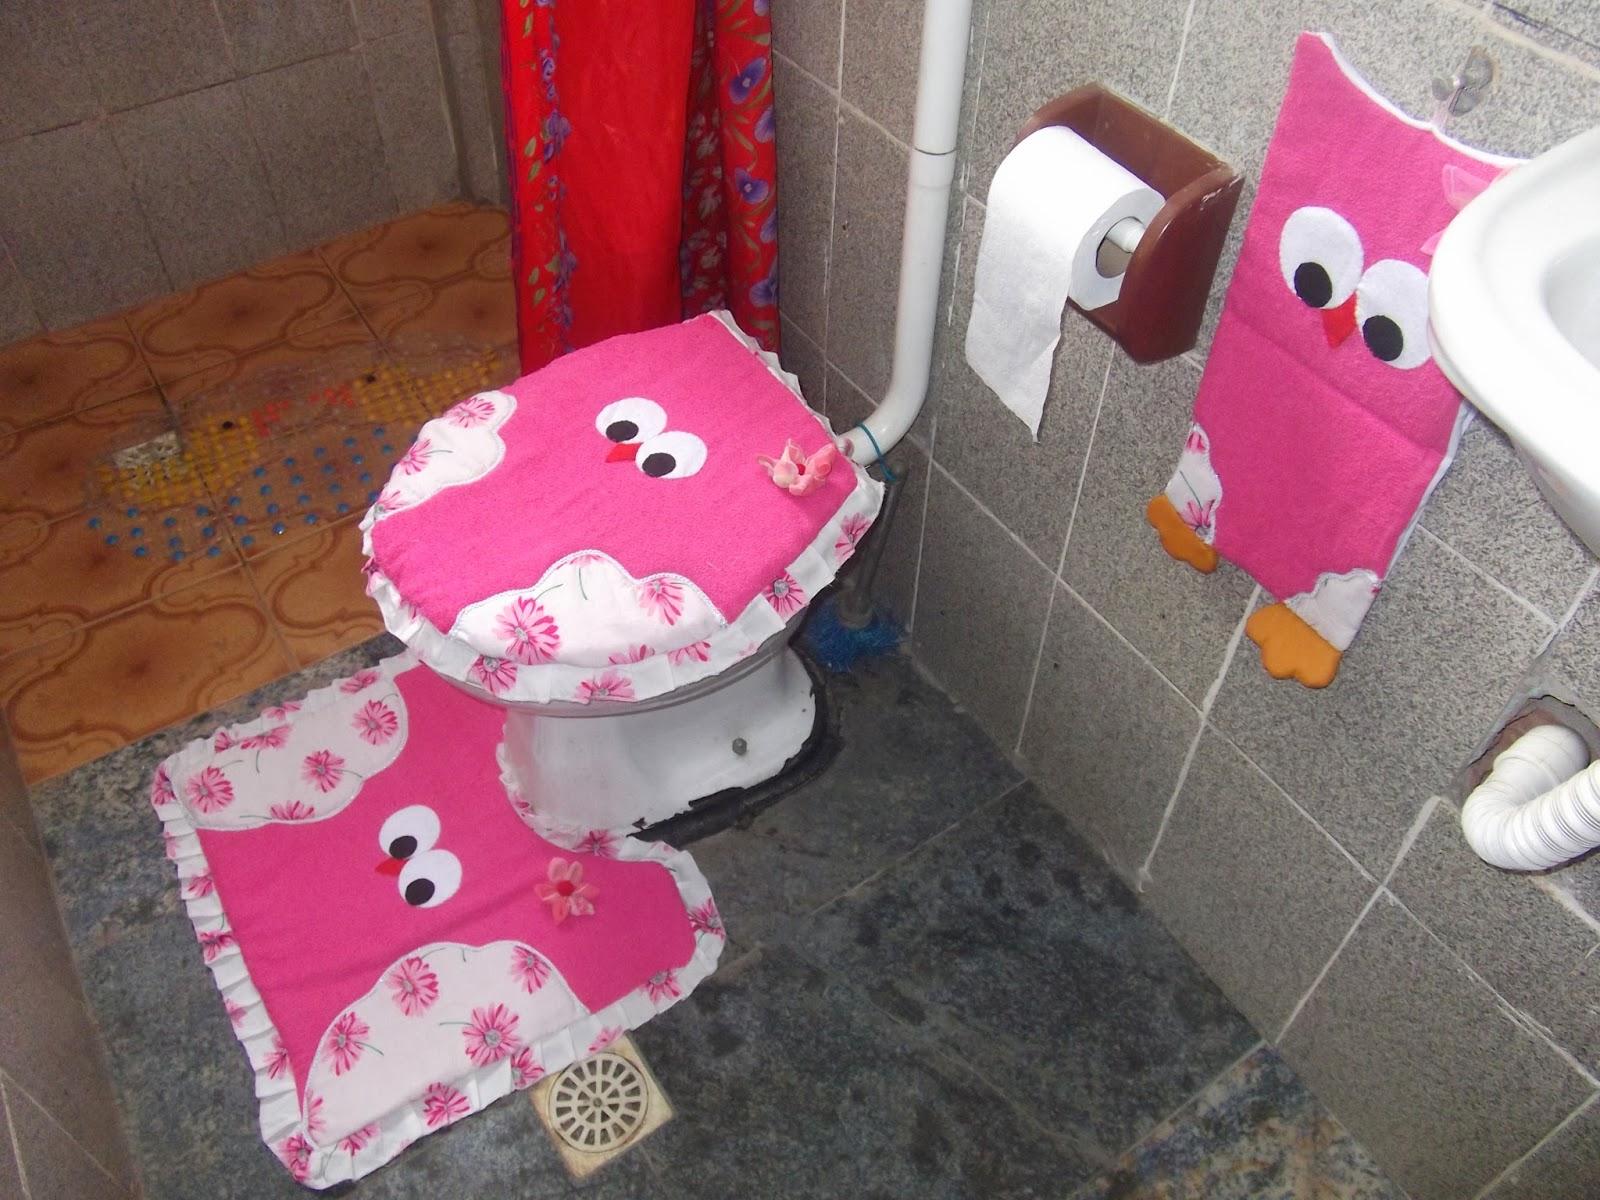 fazer um joguinho de banheiro de corujas para ver como ficava usei